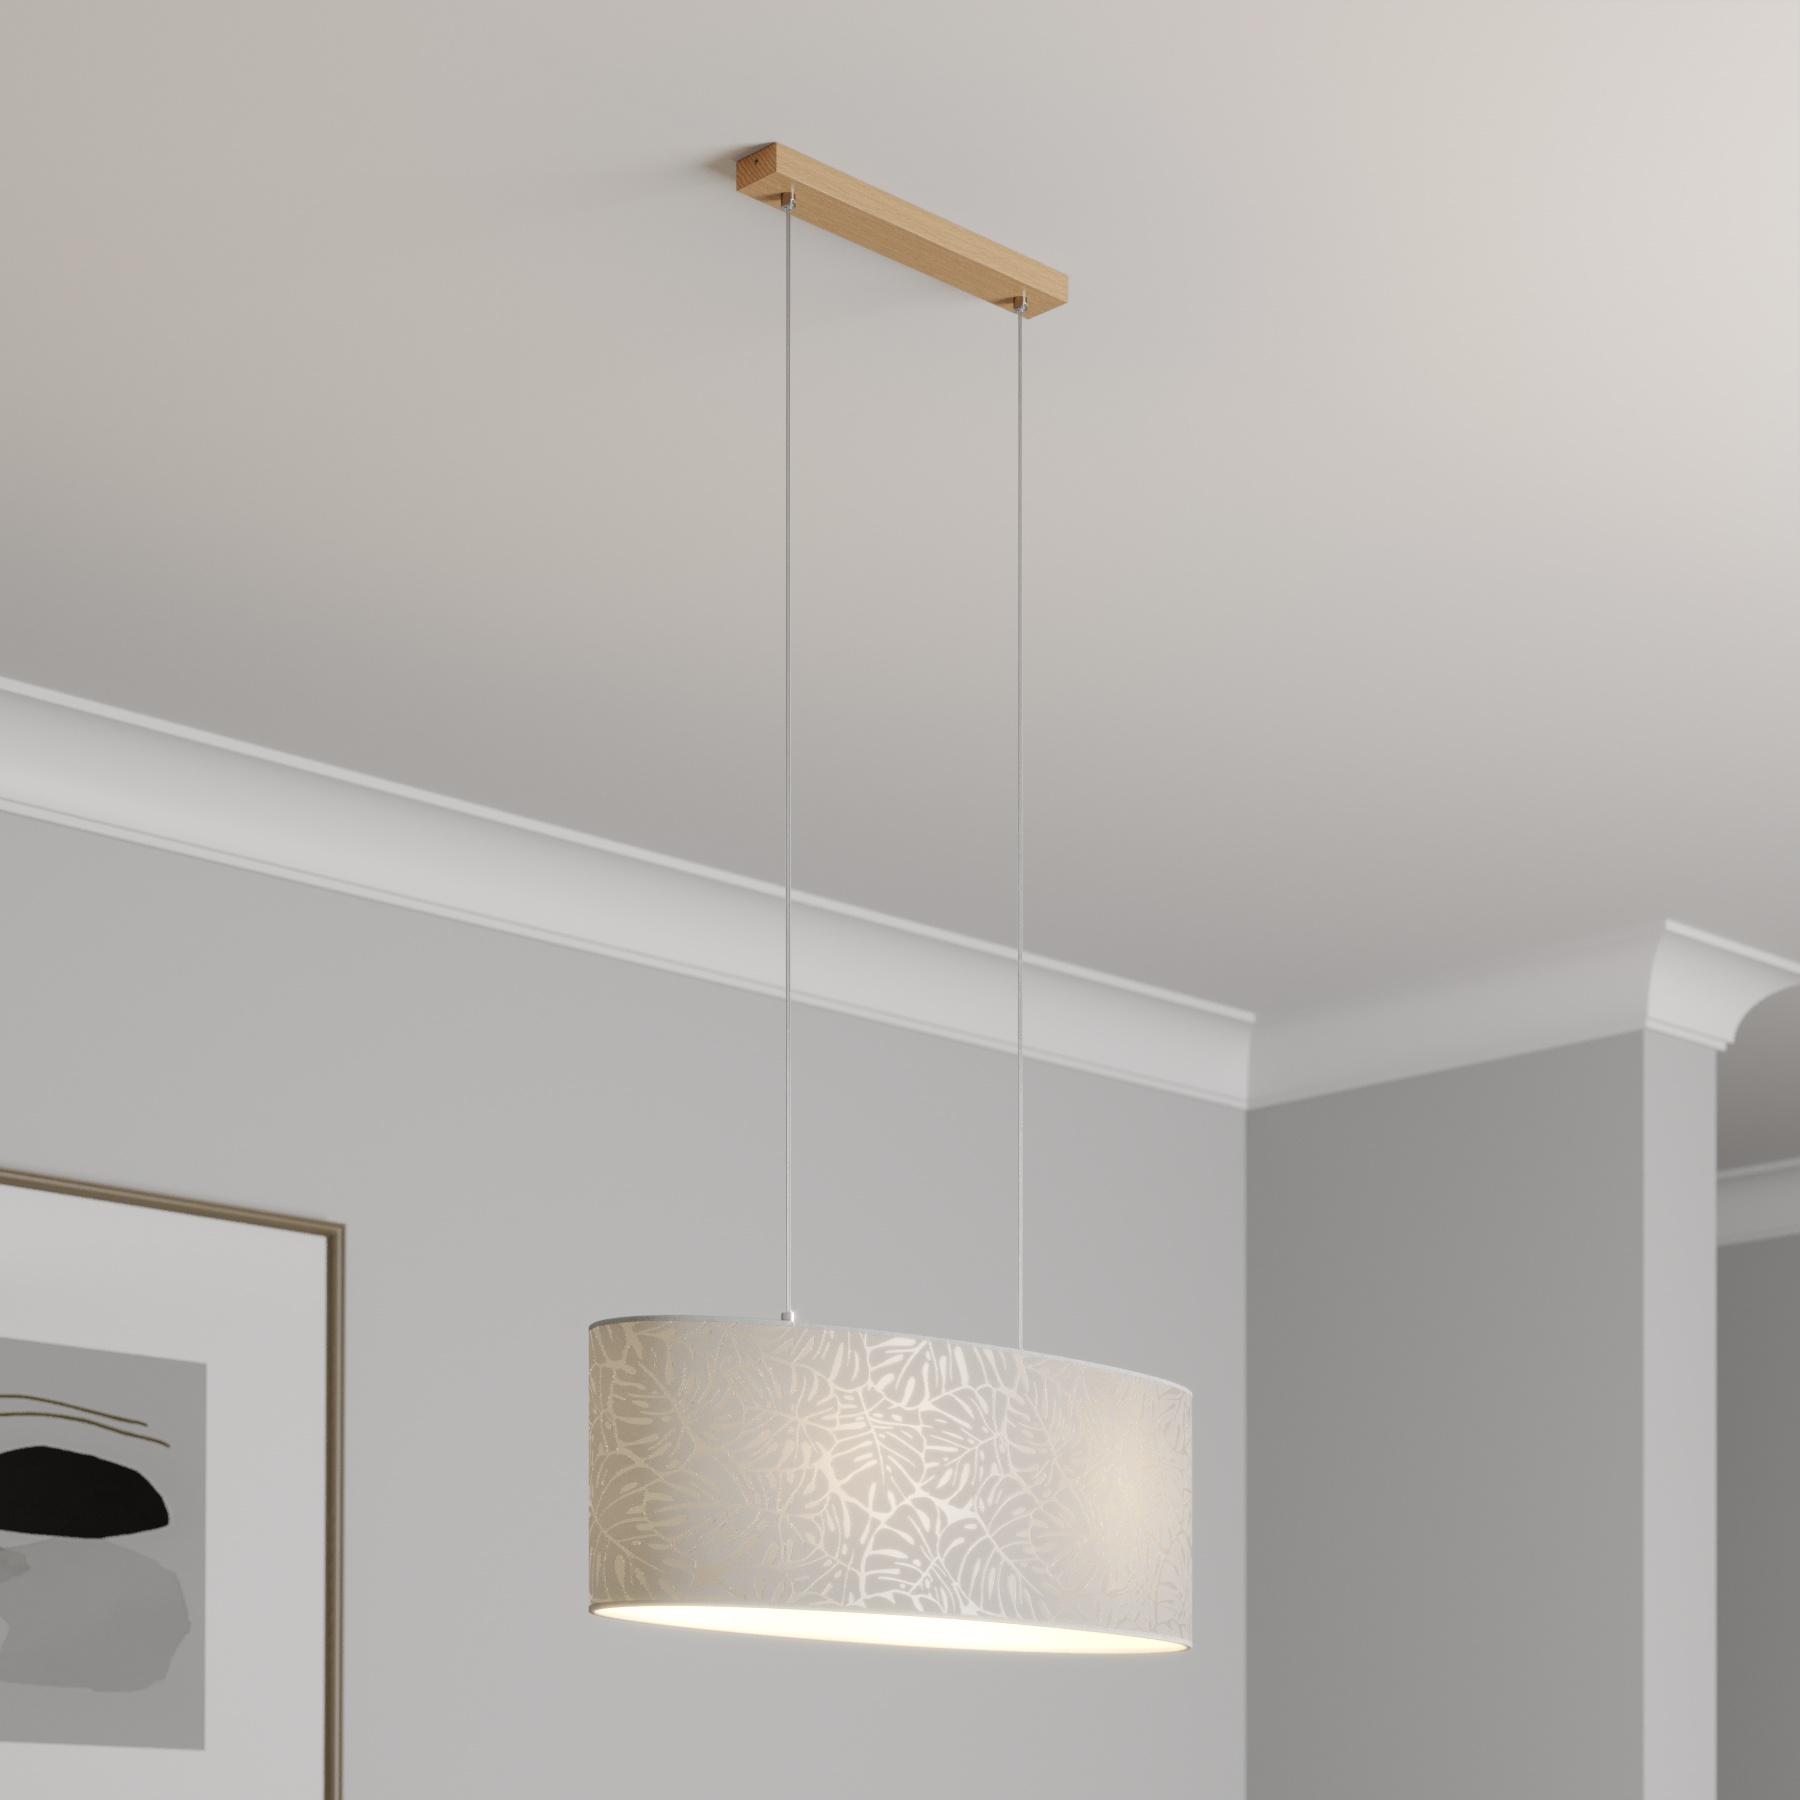 Lampa wisząca Hierro, klosz owalny 70 x 25 cm